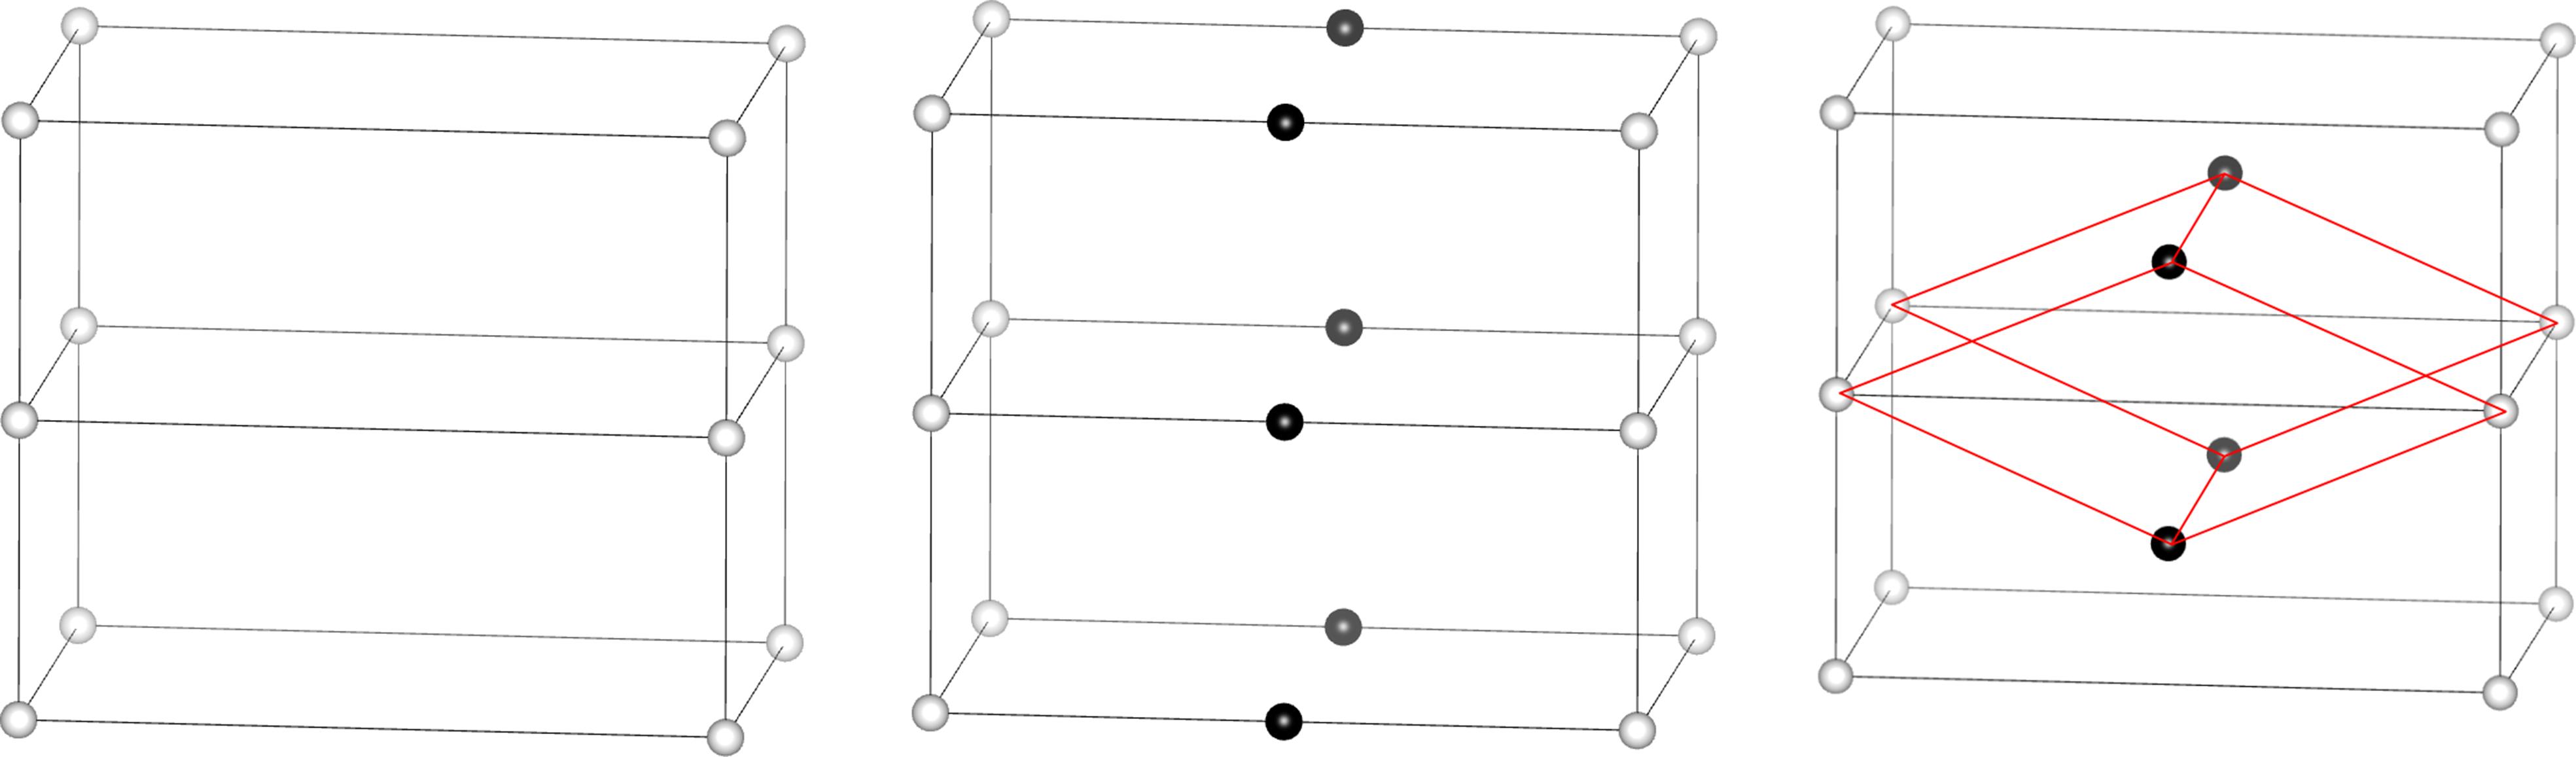 [super-sub-Fig1]